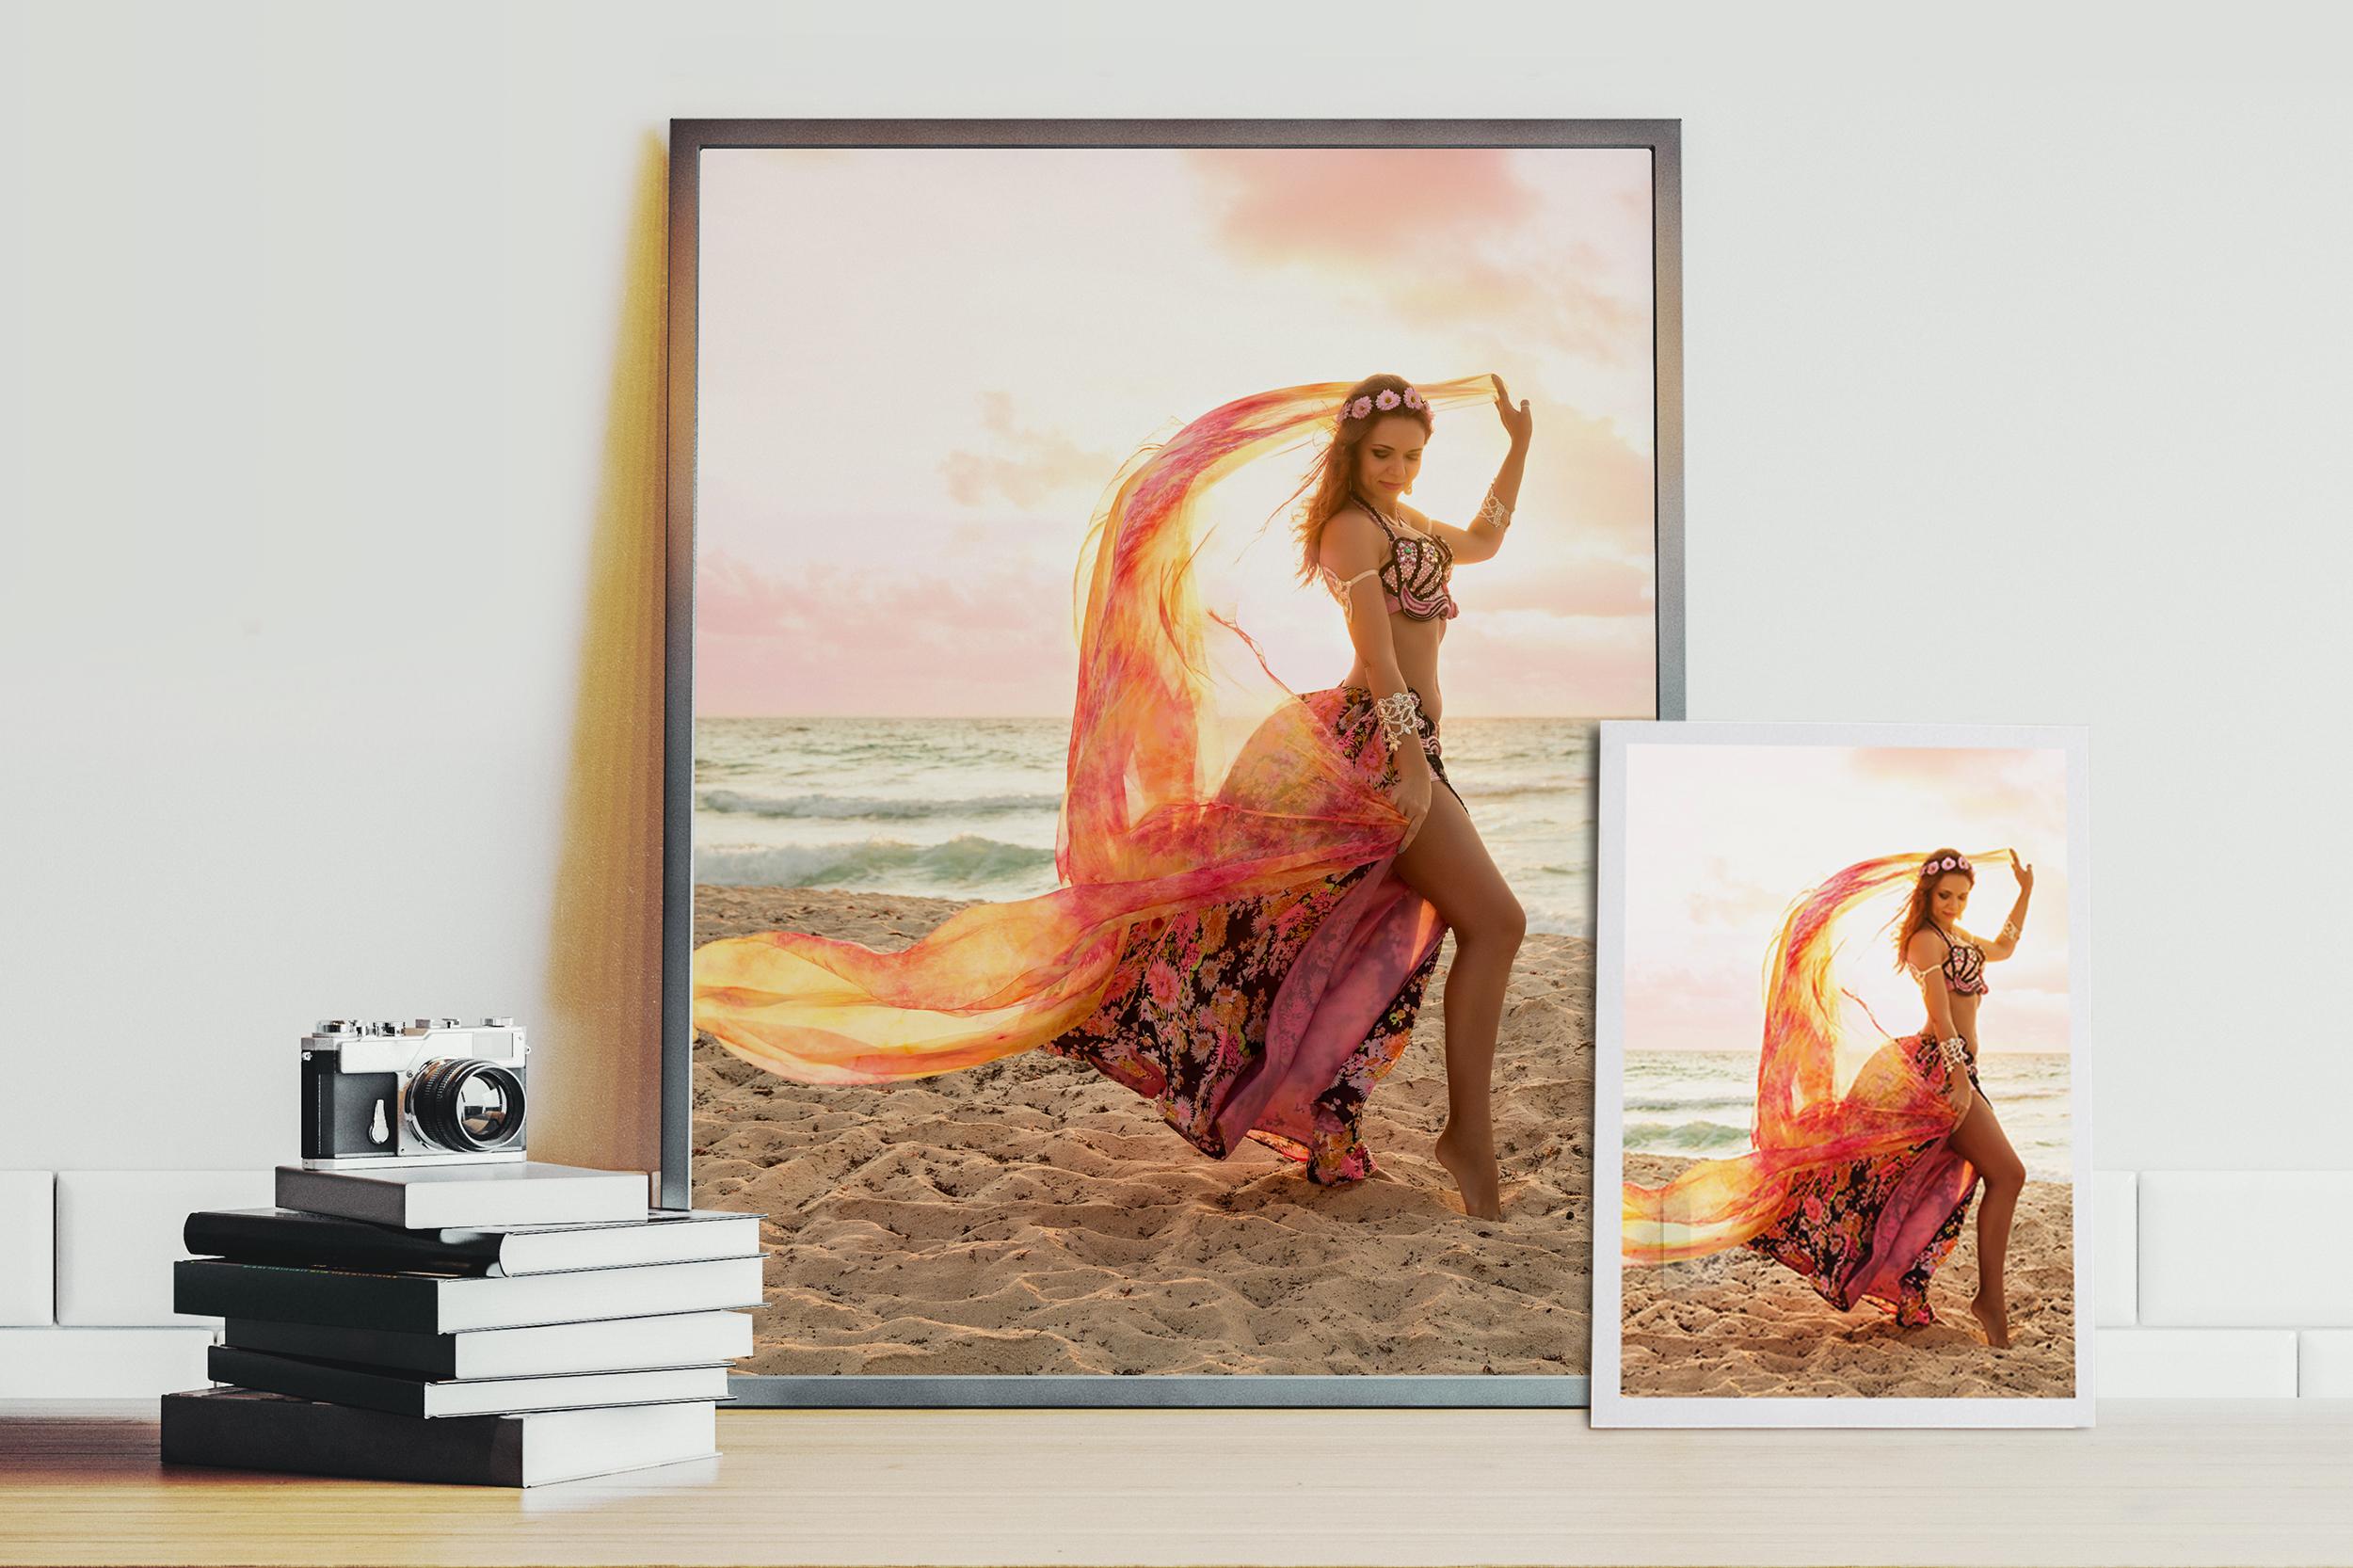 pedro-fine-art-poster-2.jpg